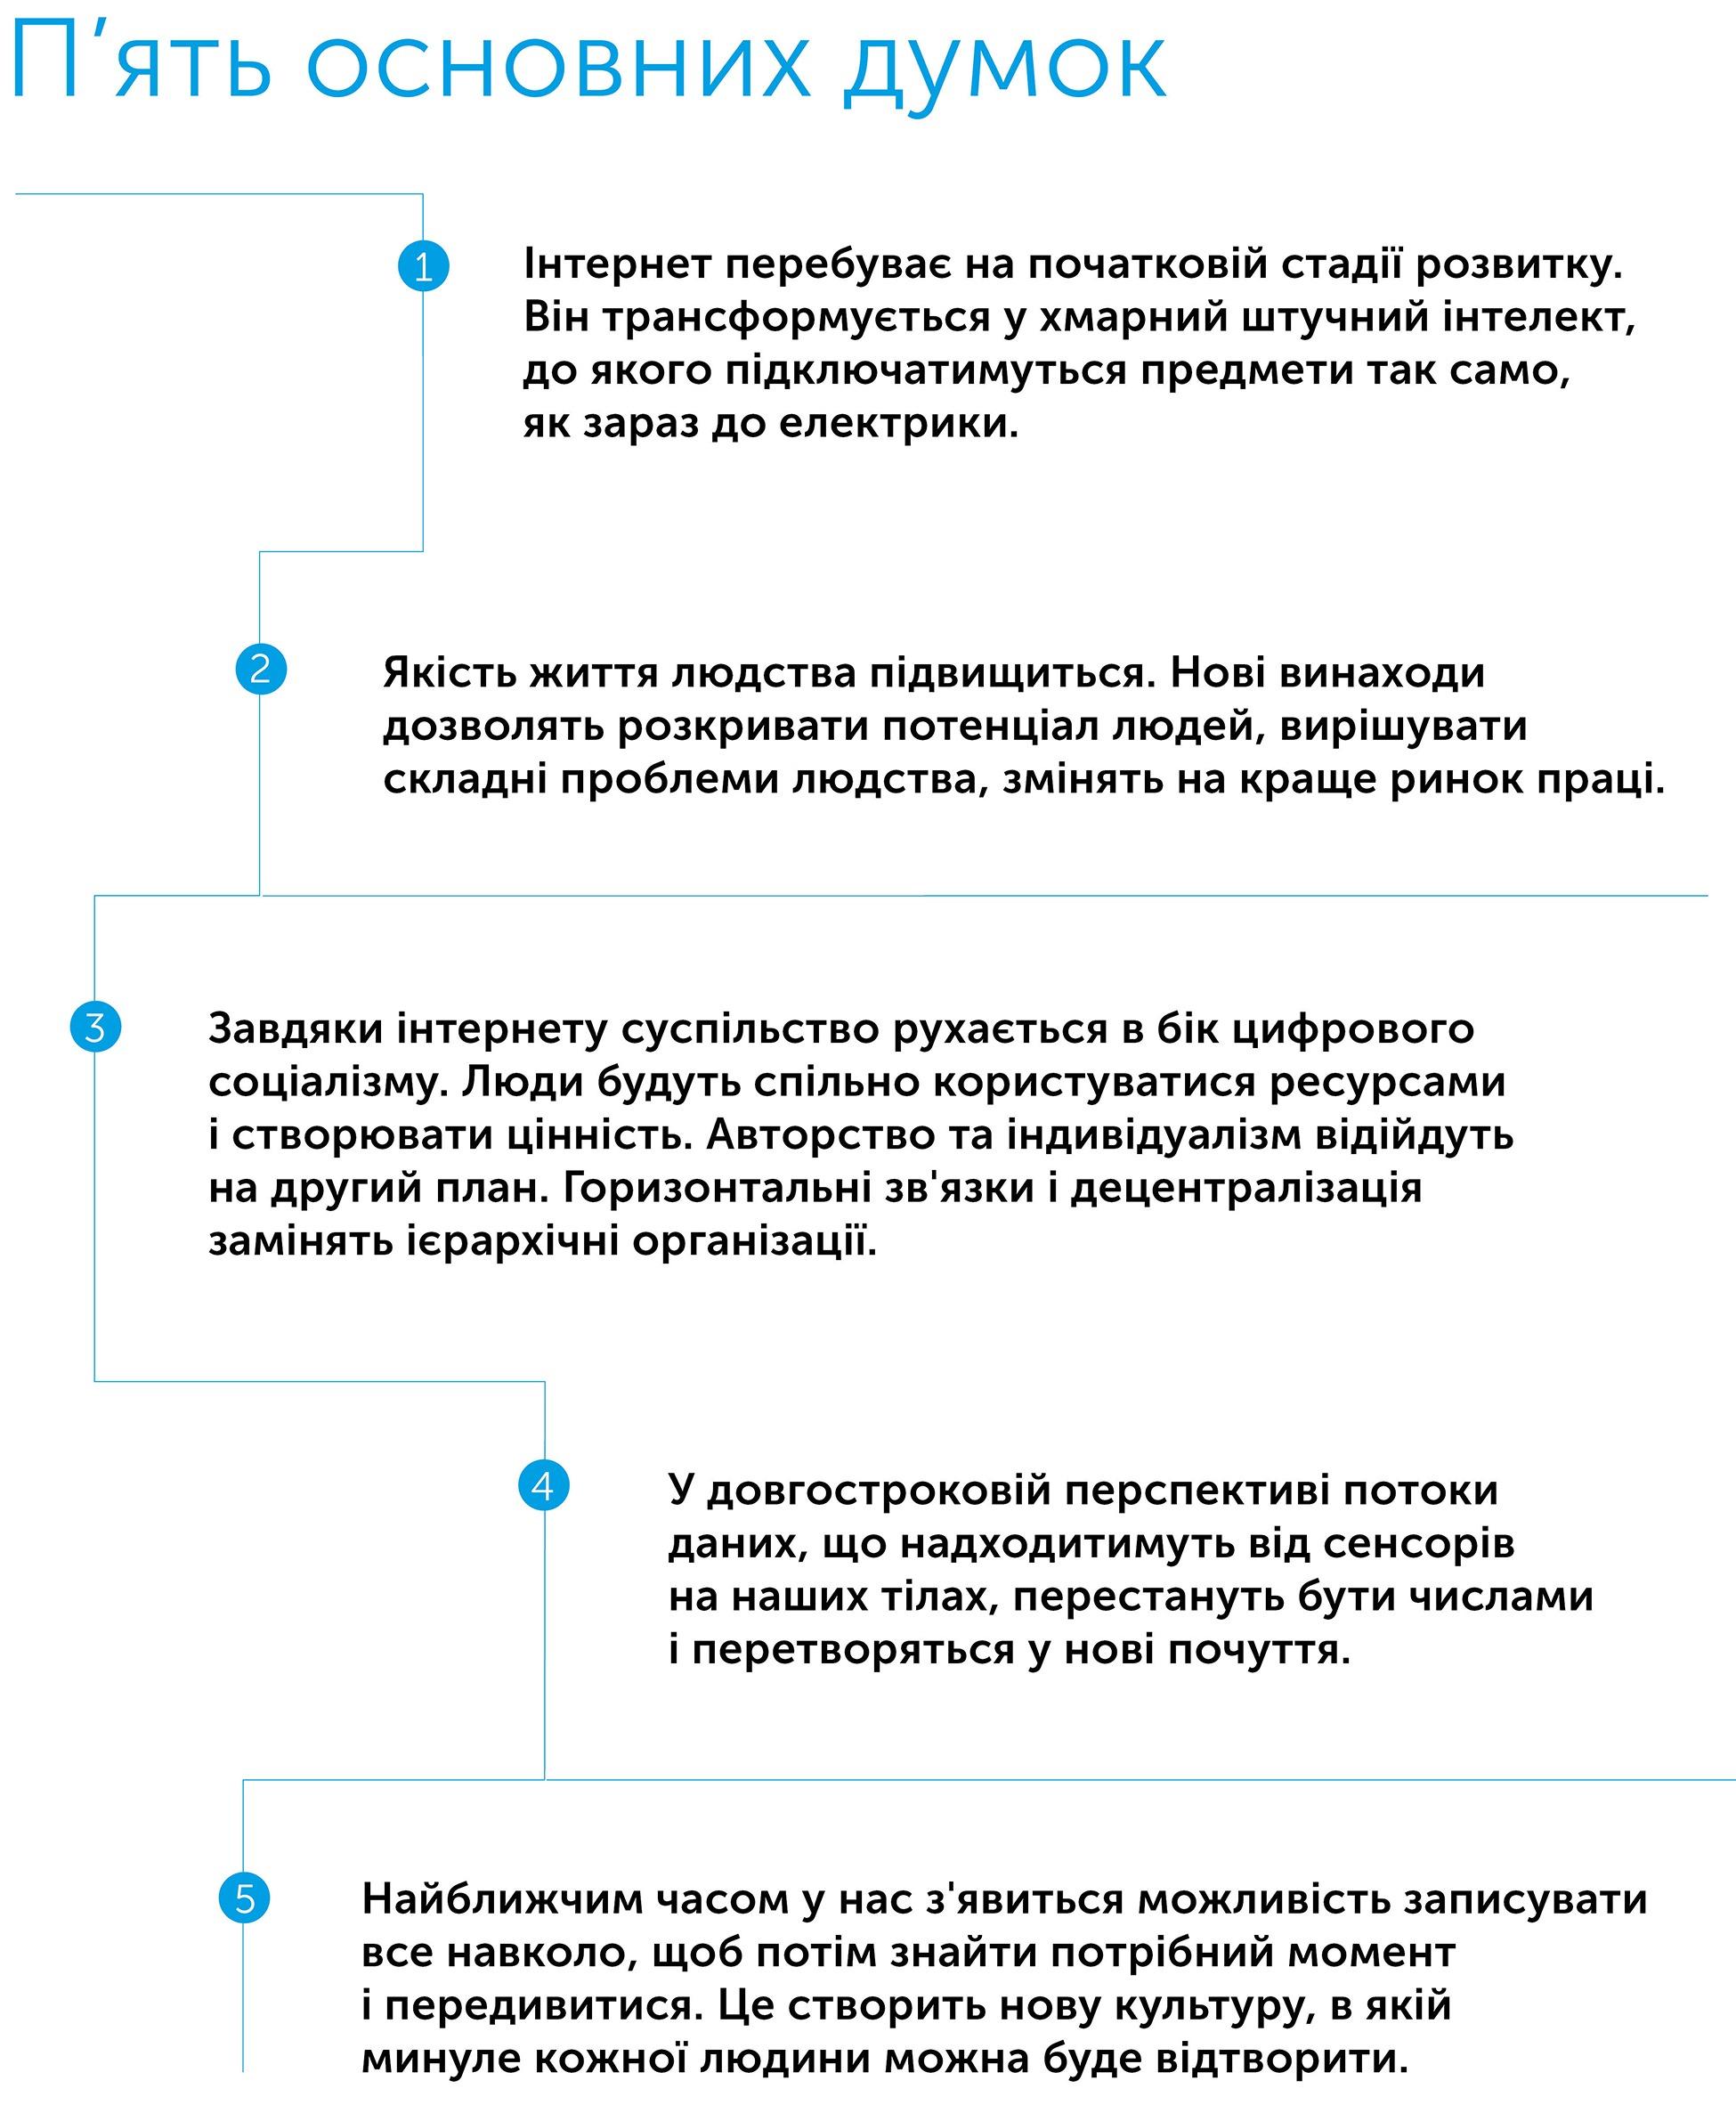 Невідворотне. 12 технологічних трендів, що визначають наше майбутнє, автор Кевин Келли   Kyivstar Business Hub, зображення №2